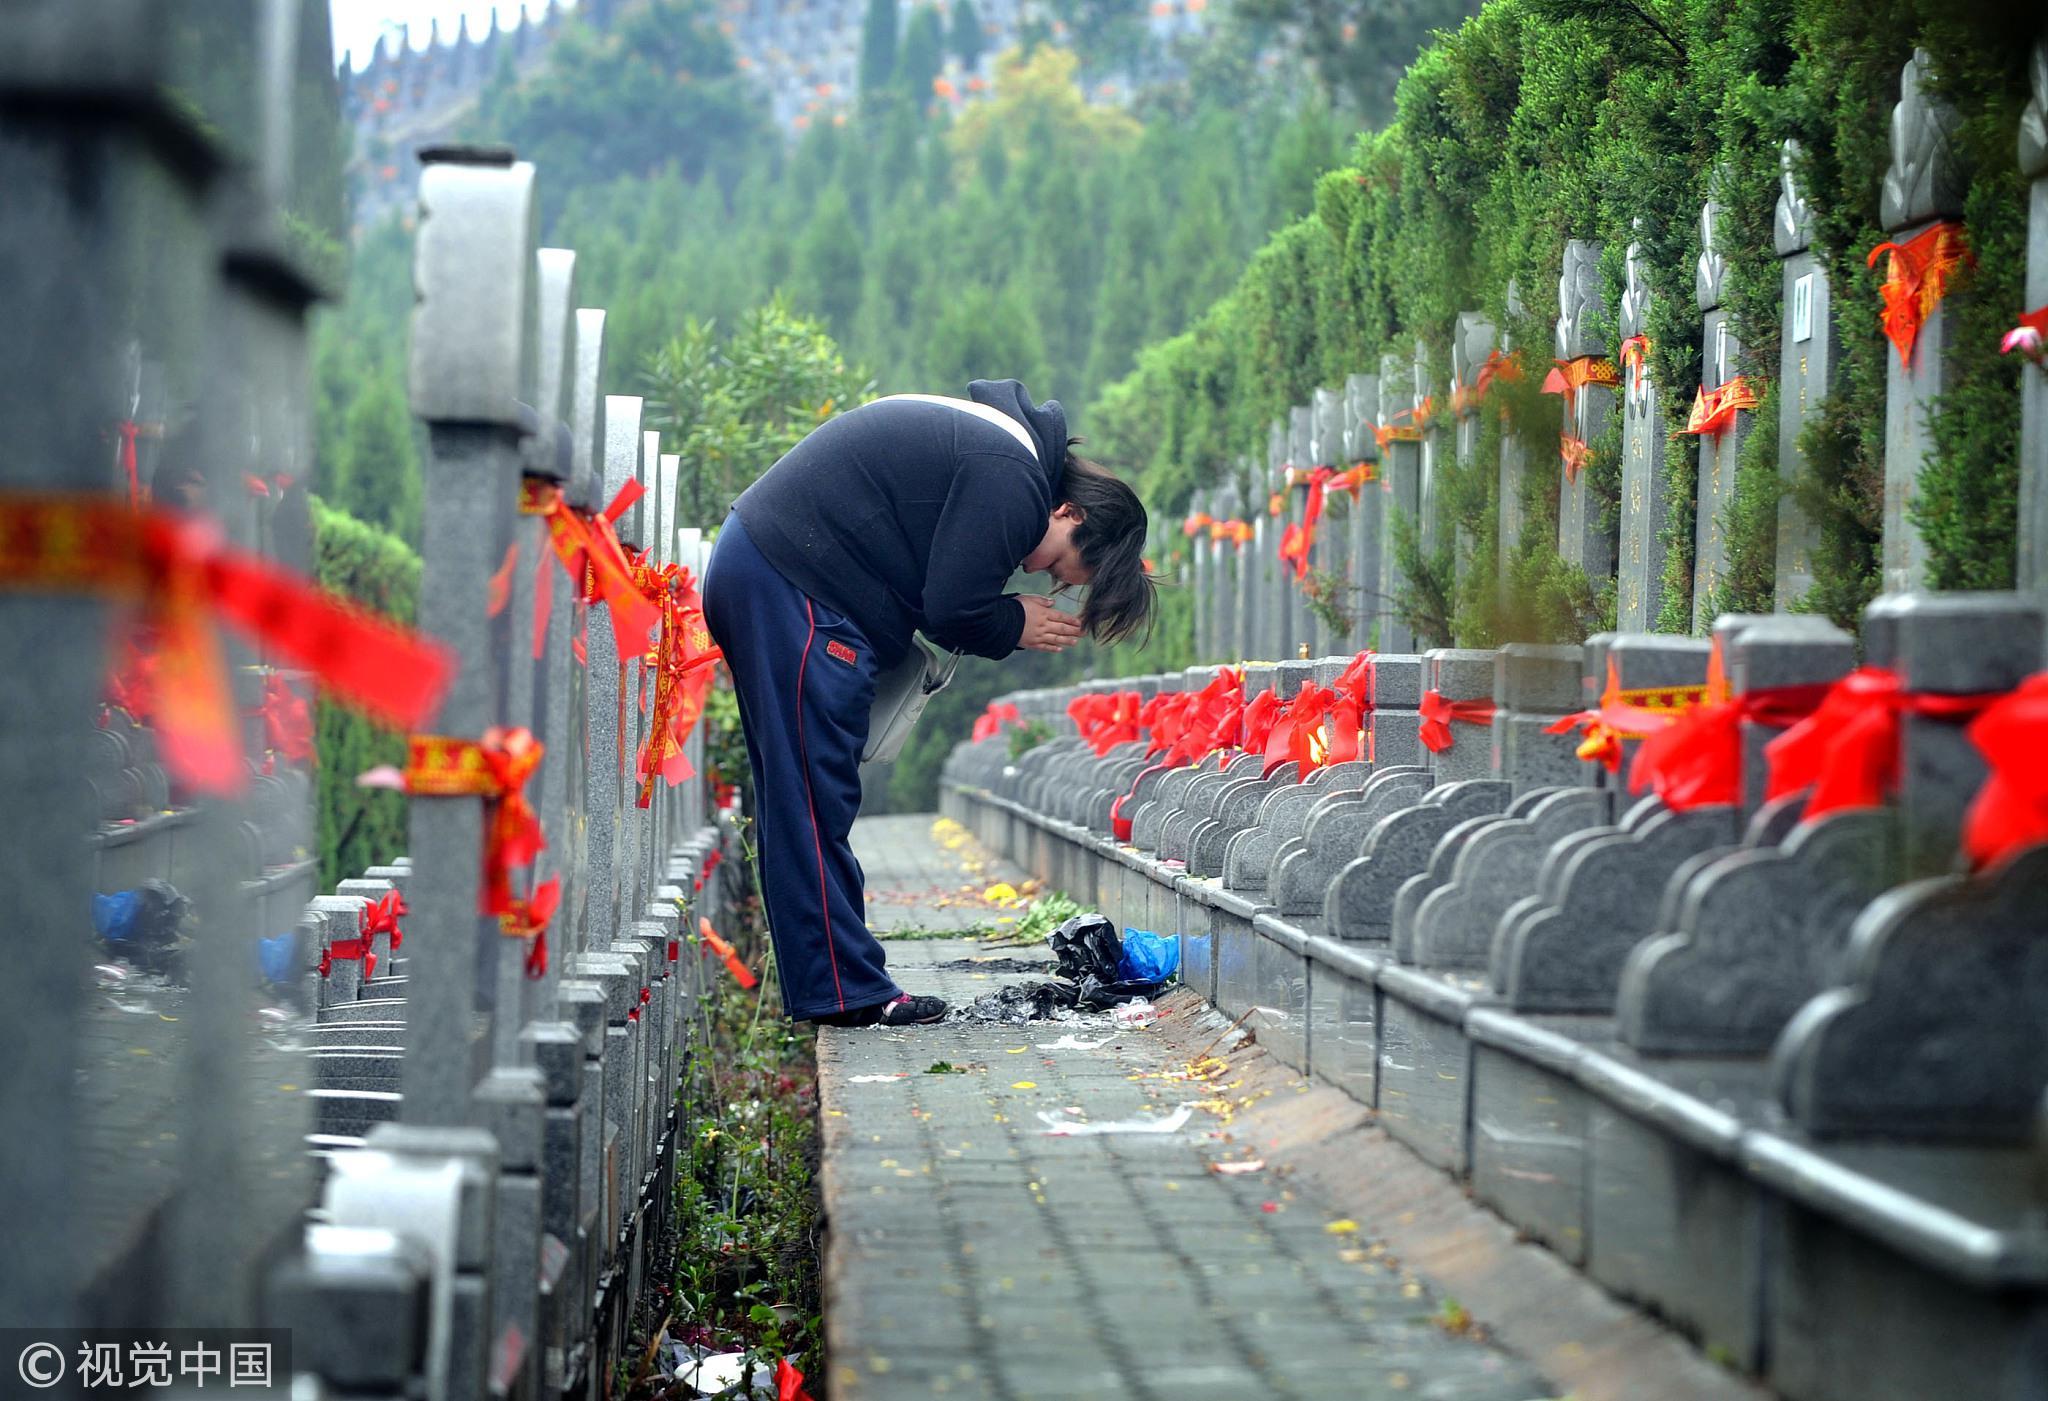 为什么中国的墓地这么贵,还有20年期限